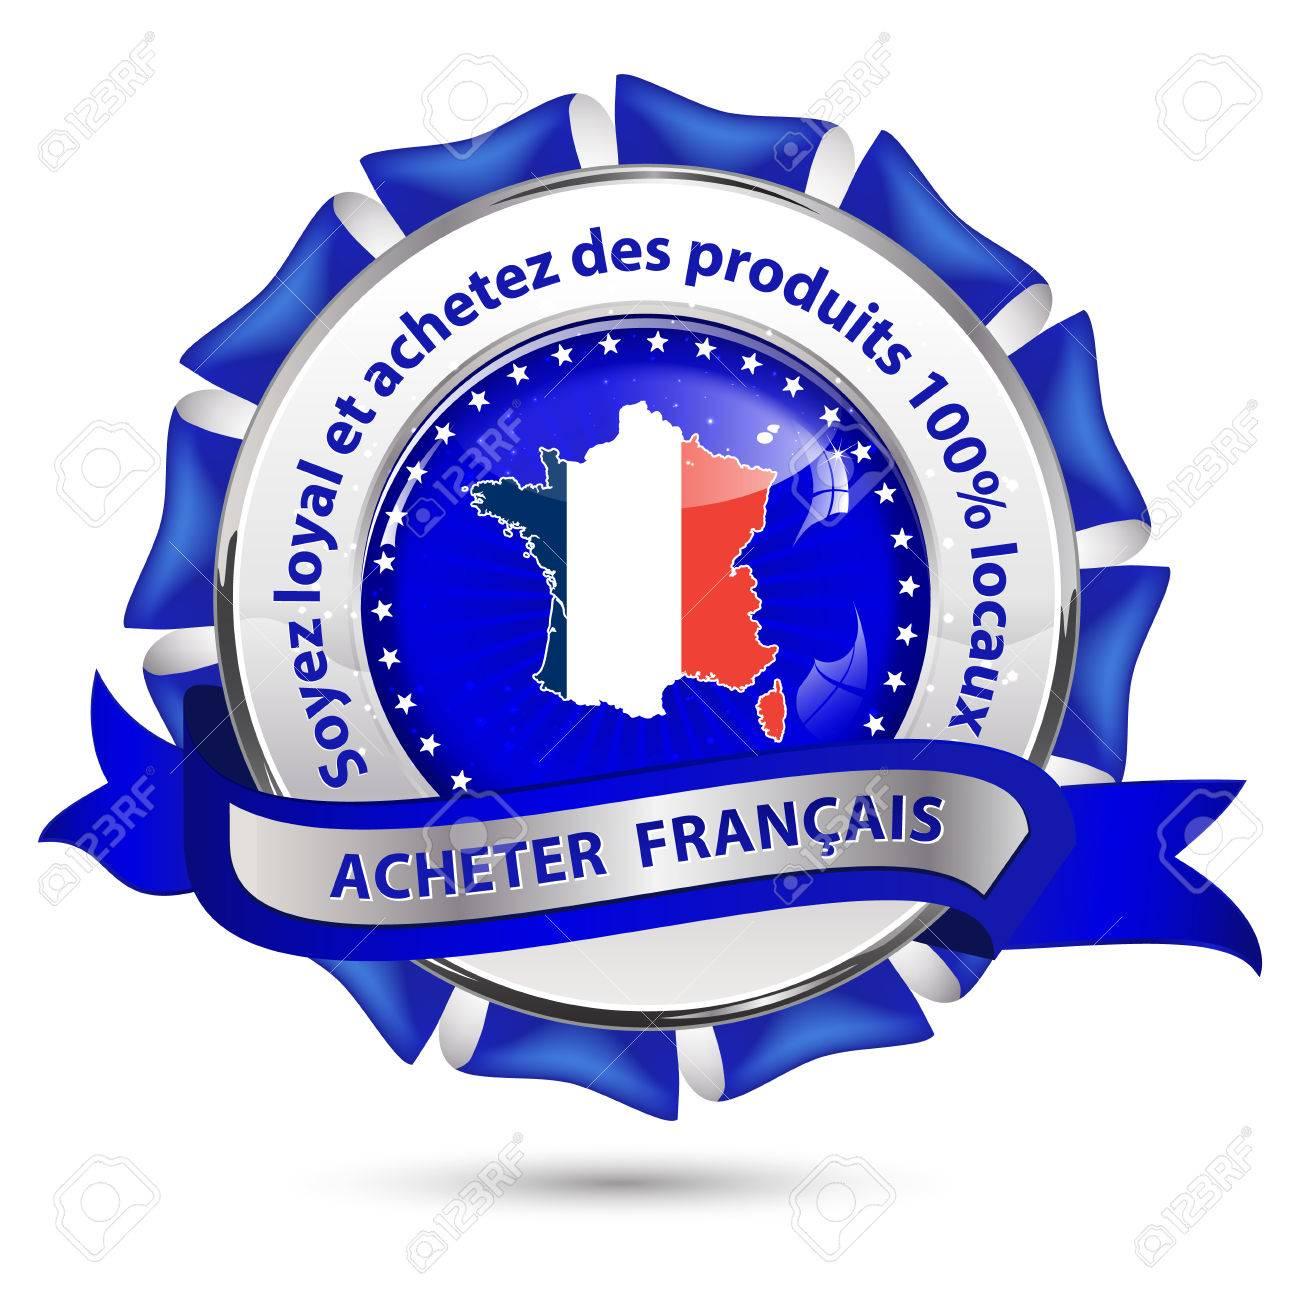 9dac70e2604 Acheter Des Produits Français